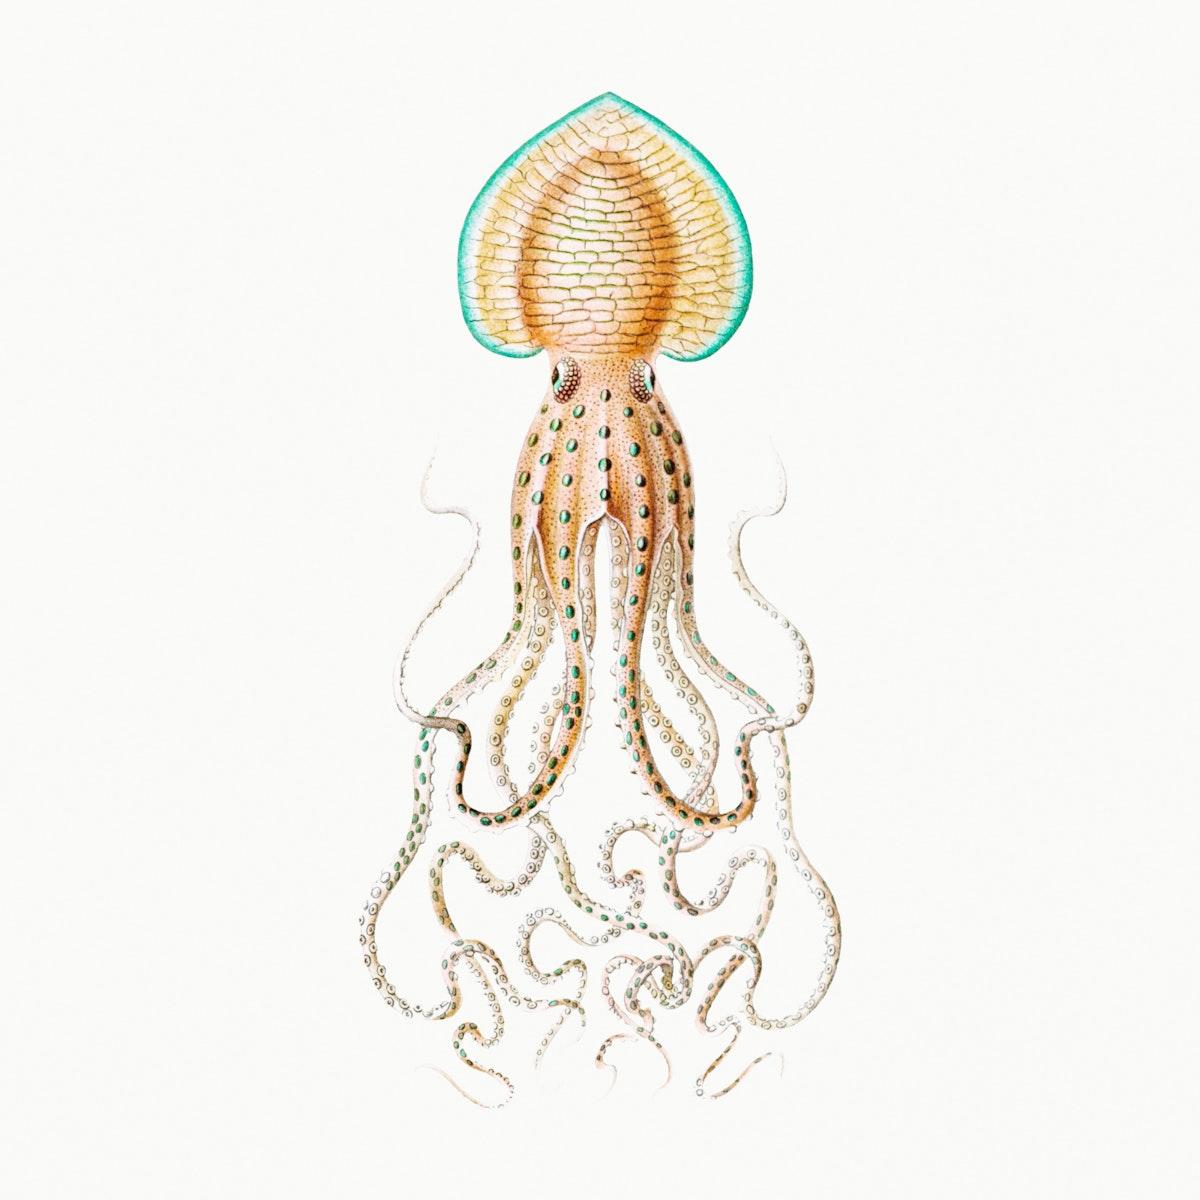 Vintage squid marine life illustration